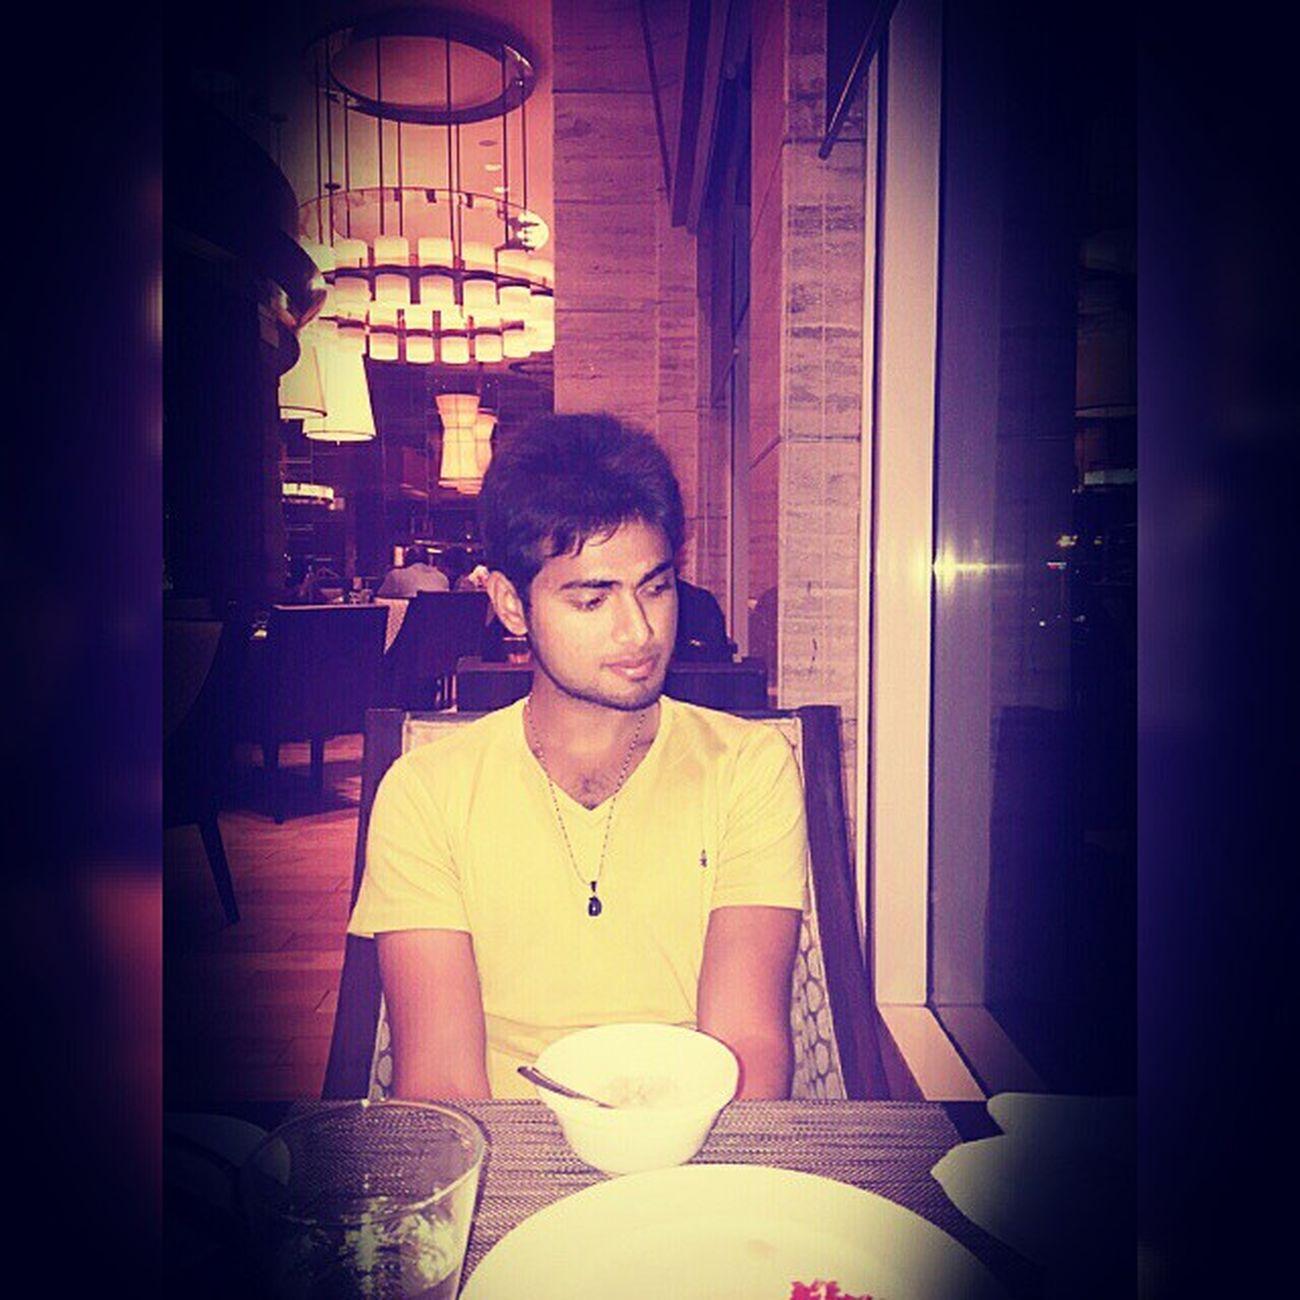 Squaredroid Luv_instamag Luv_instagram Hilton resipe malasiyan_satay buffet tastin_mode_on yummy_yummy_yummy_feels_good_in_my_tummy😋🍖🍖🍗🍤🍜